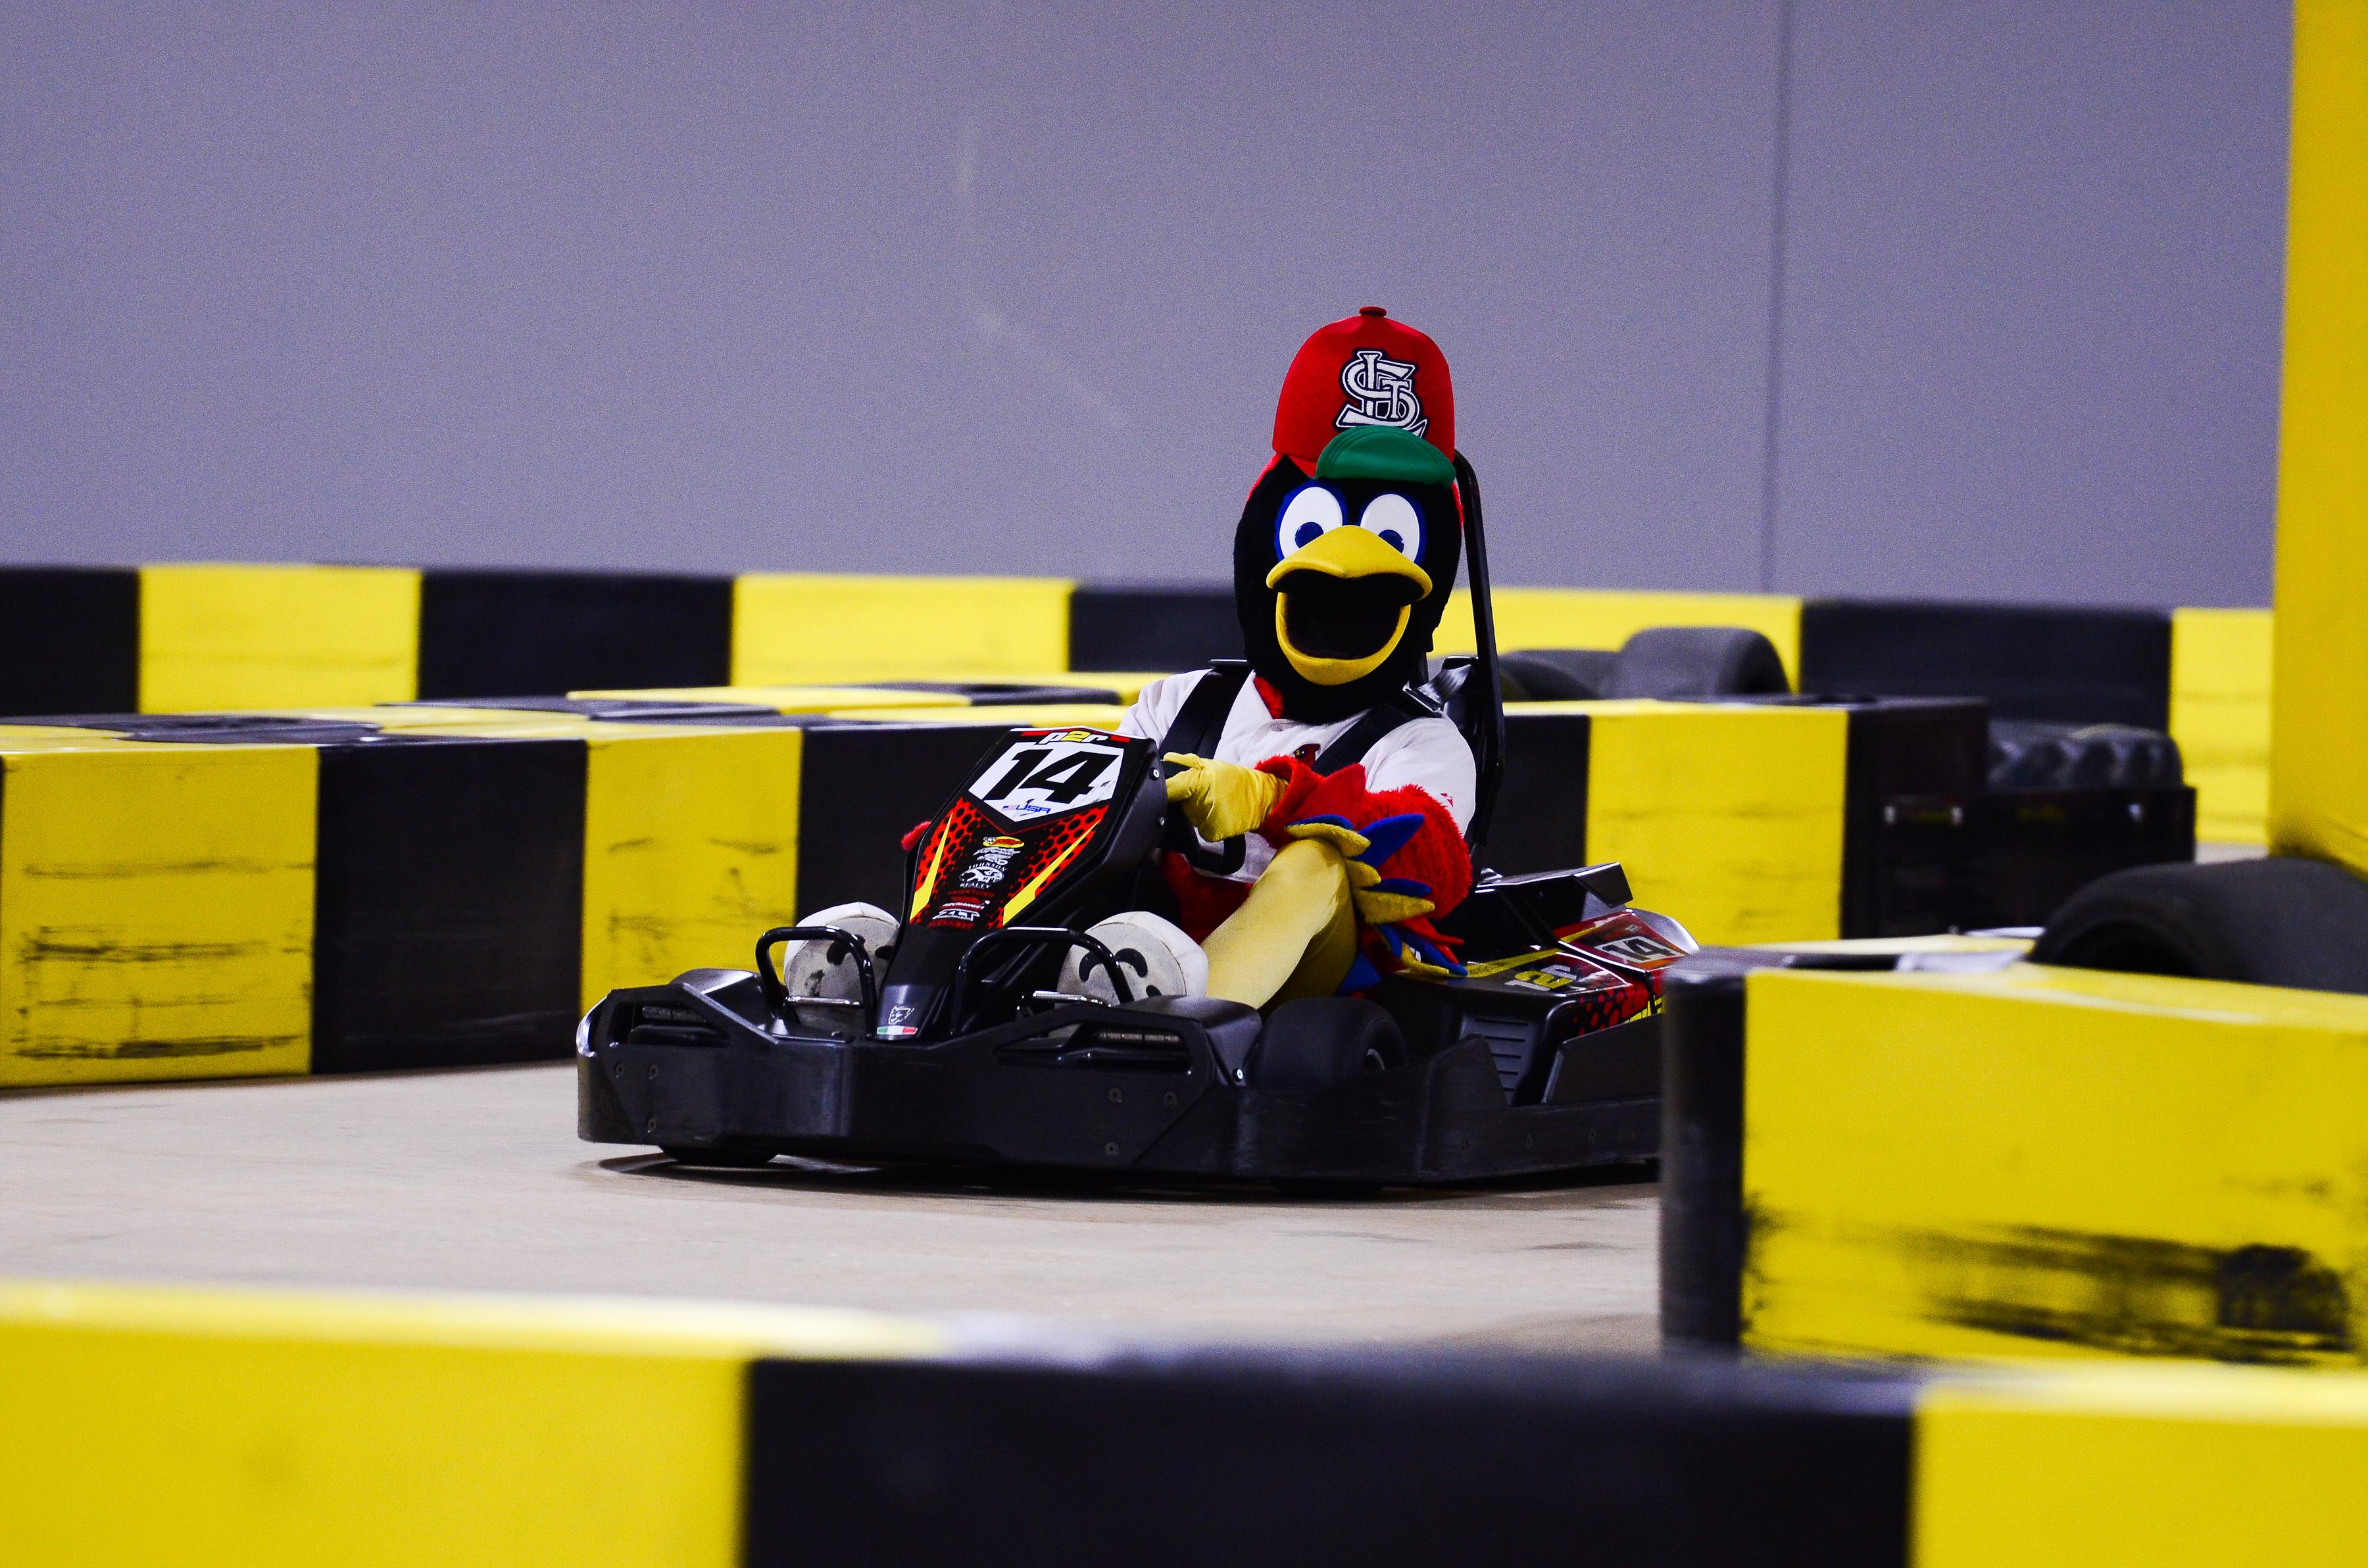 Pole Position Raceway St. Louis image 2